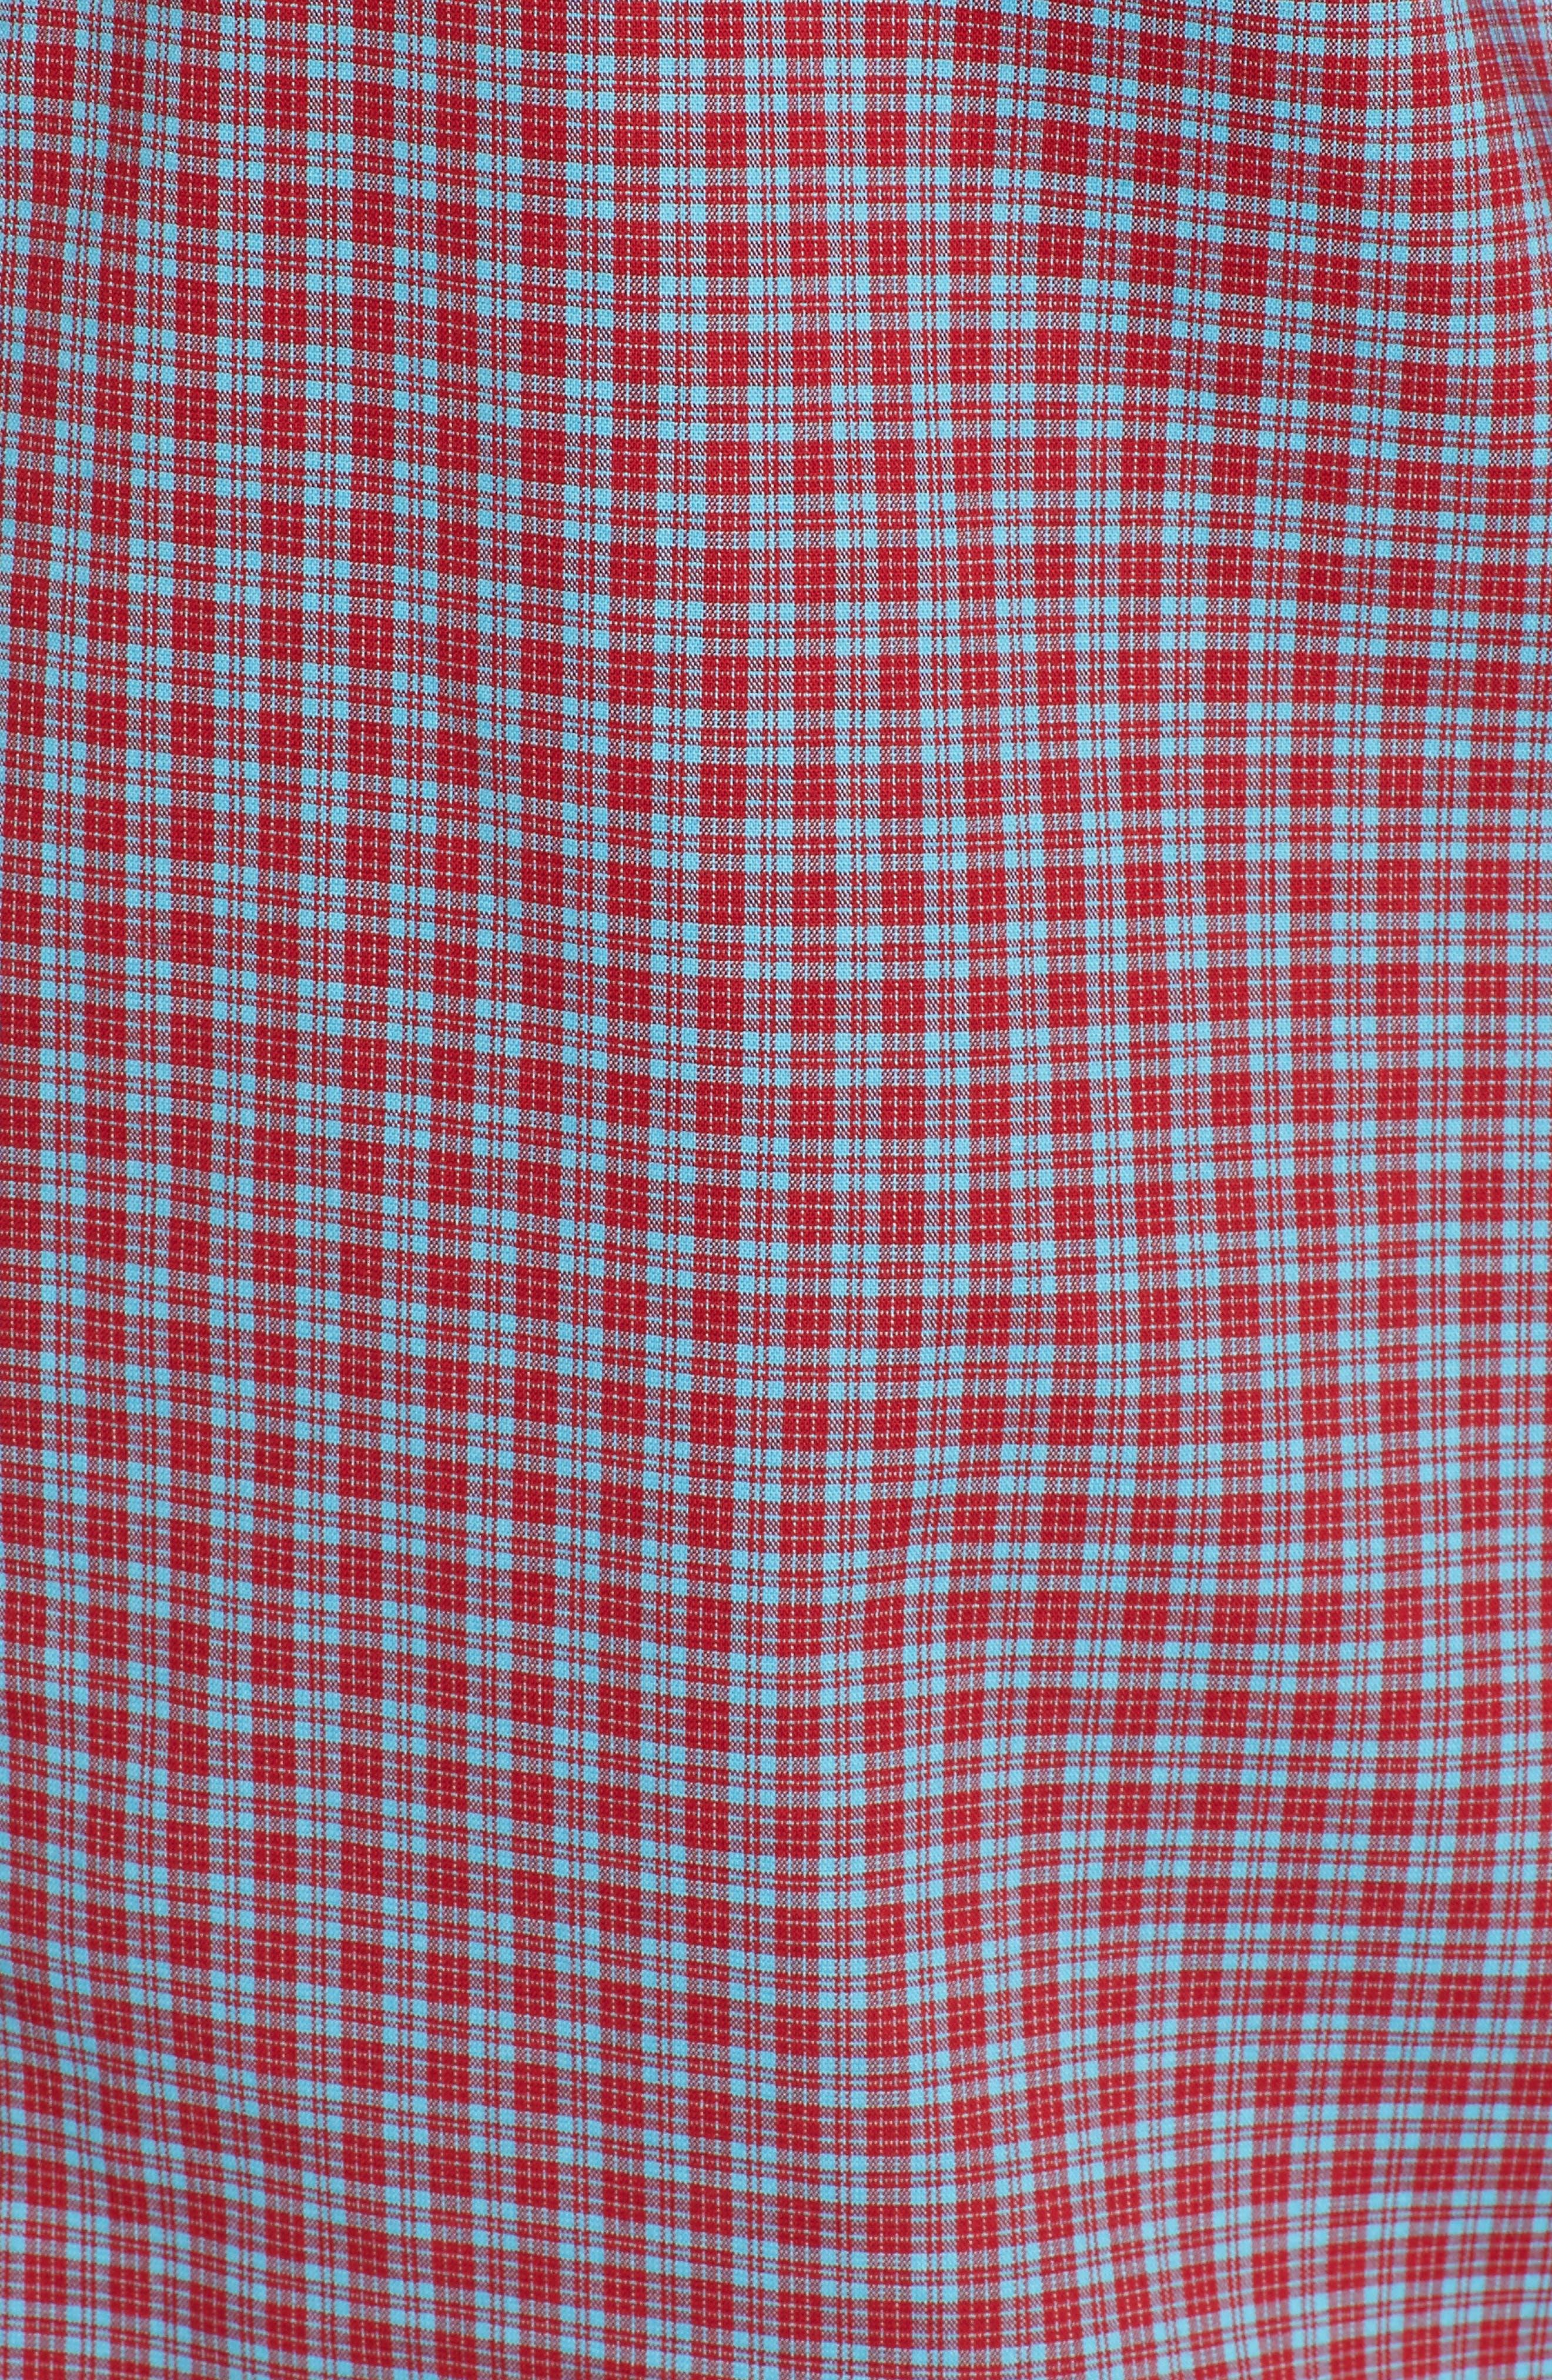 Tech-Smart Trim Fit Check Sport Shirt,                             Alternate thumbnail 5, color,                             610